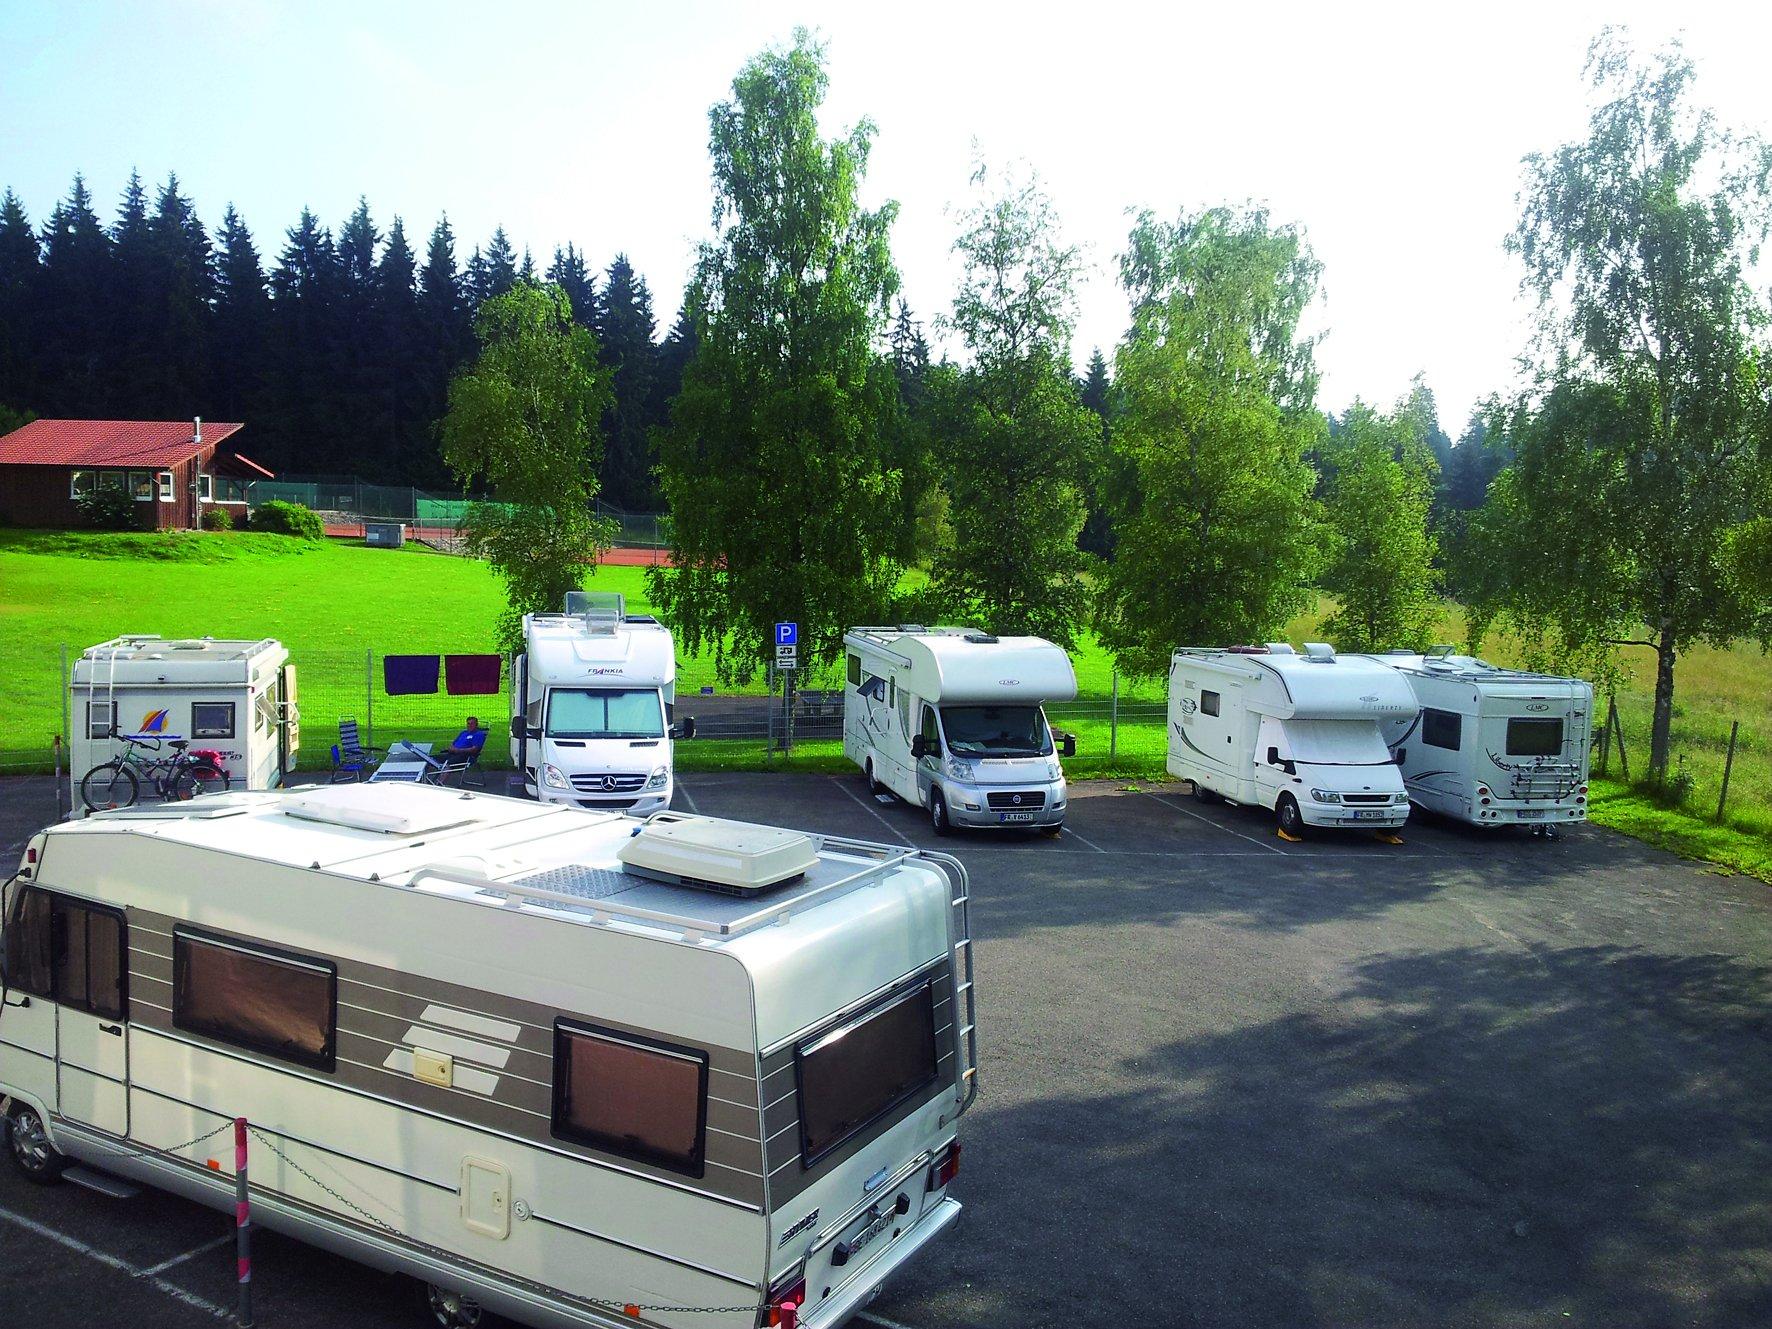 Wohnmobilstellplatz am Waldbad